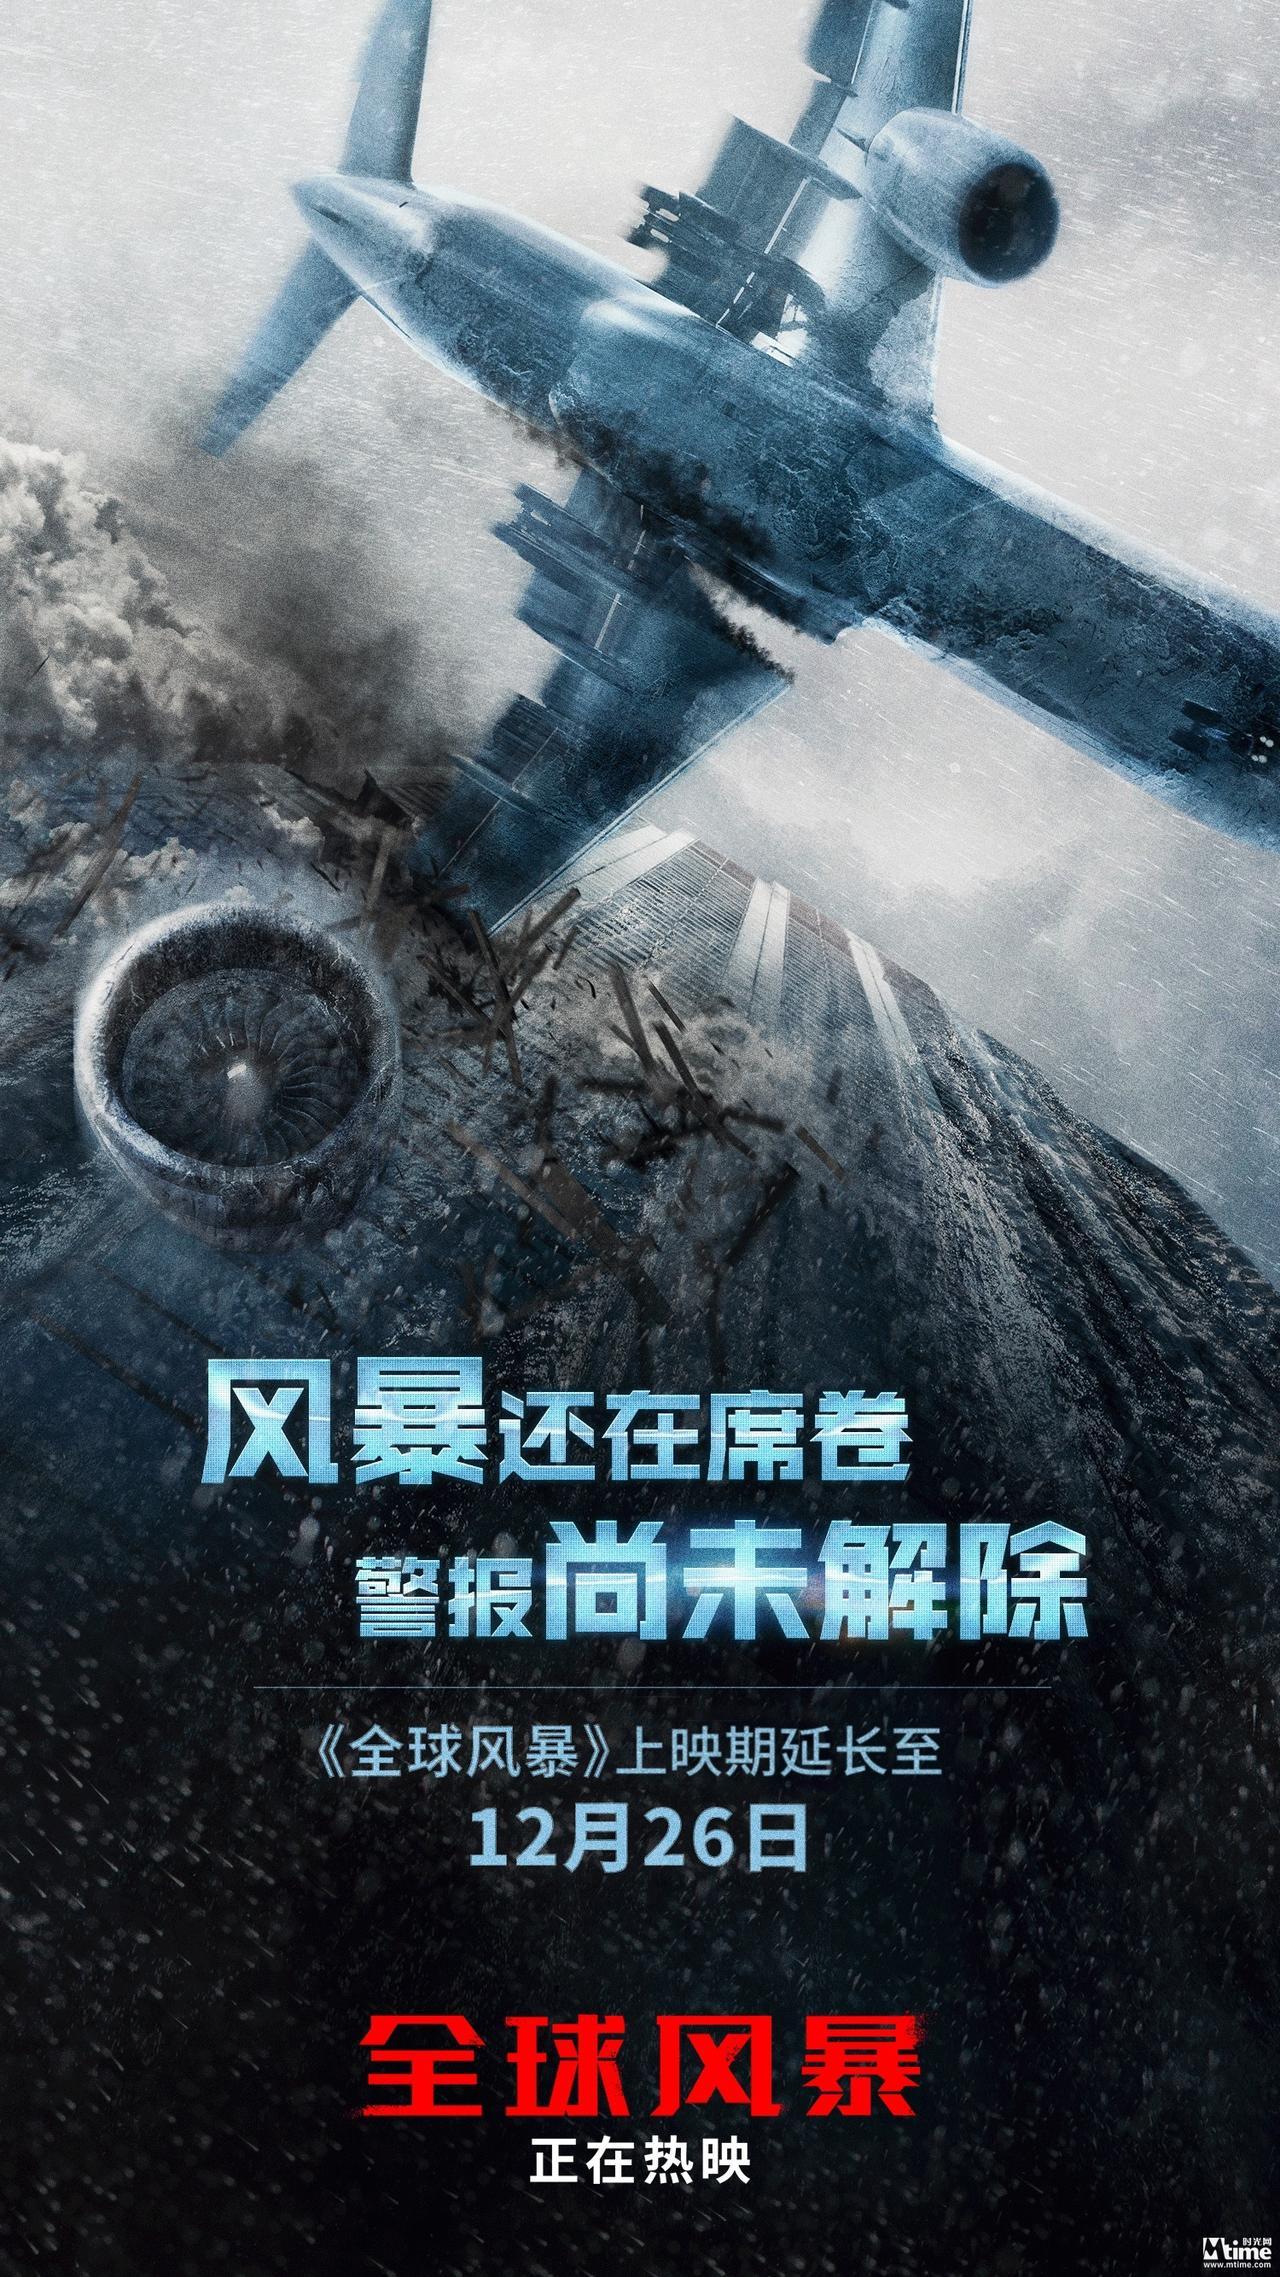 中国票房成绩喜人 《全球风暴》上映期延长一个月